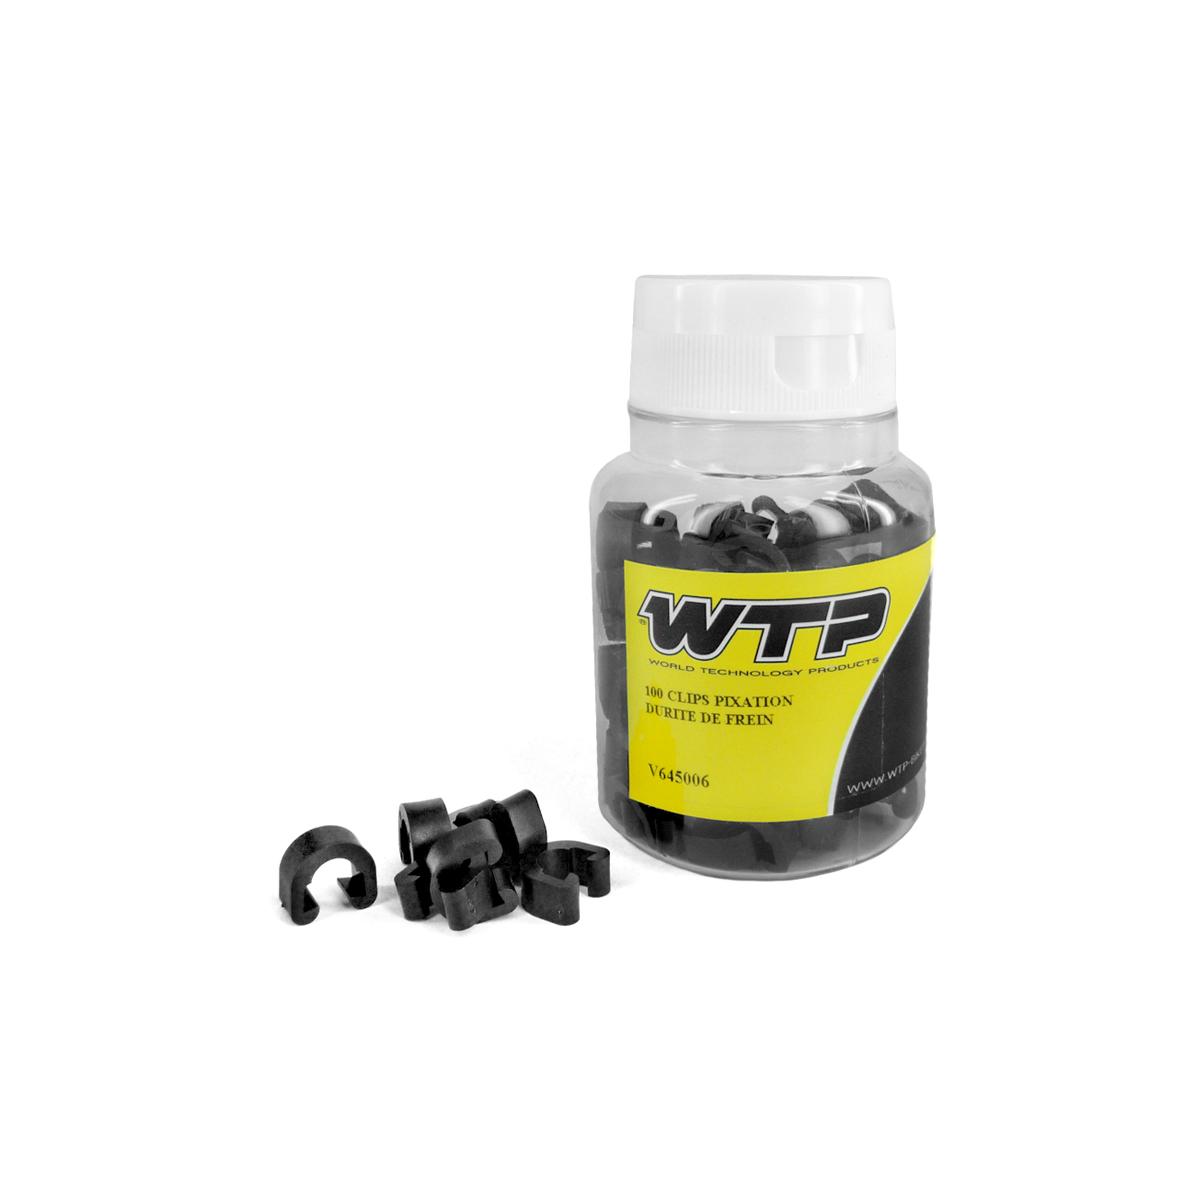 Boite de 100 clips WTP fixation durite de frein Noir